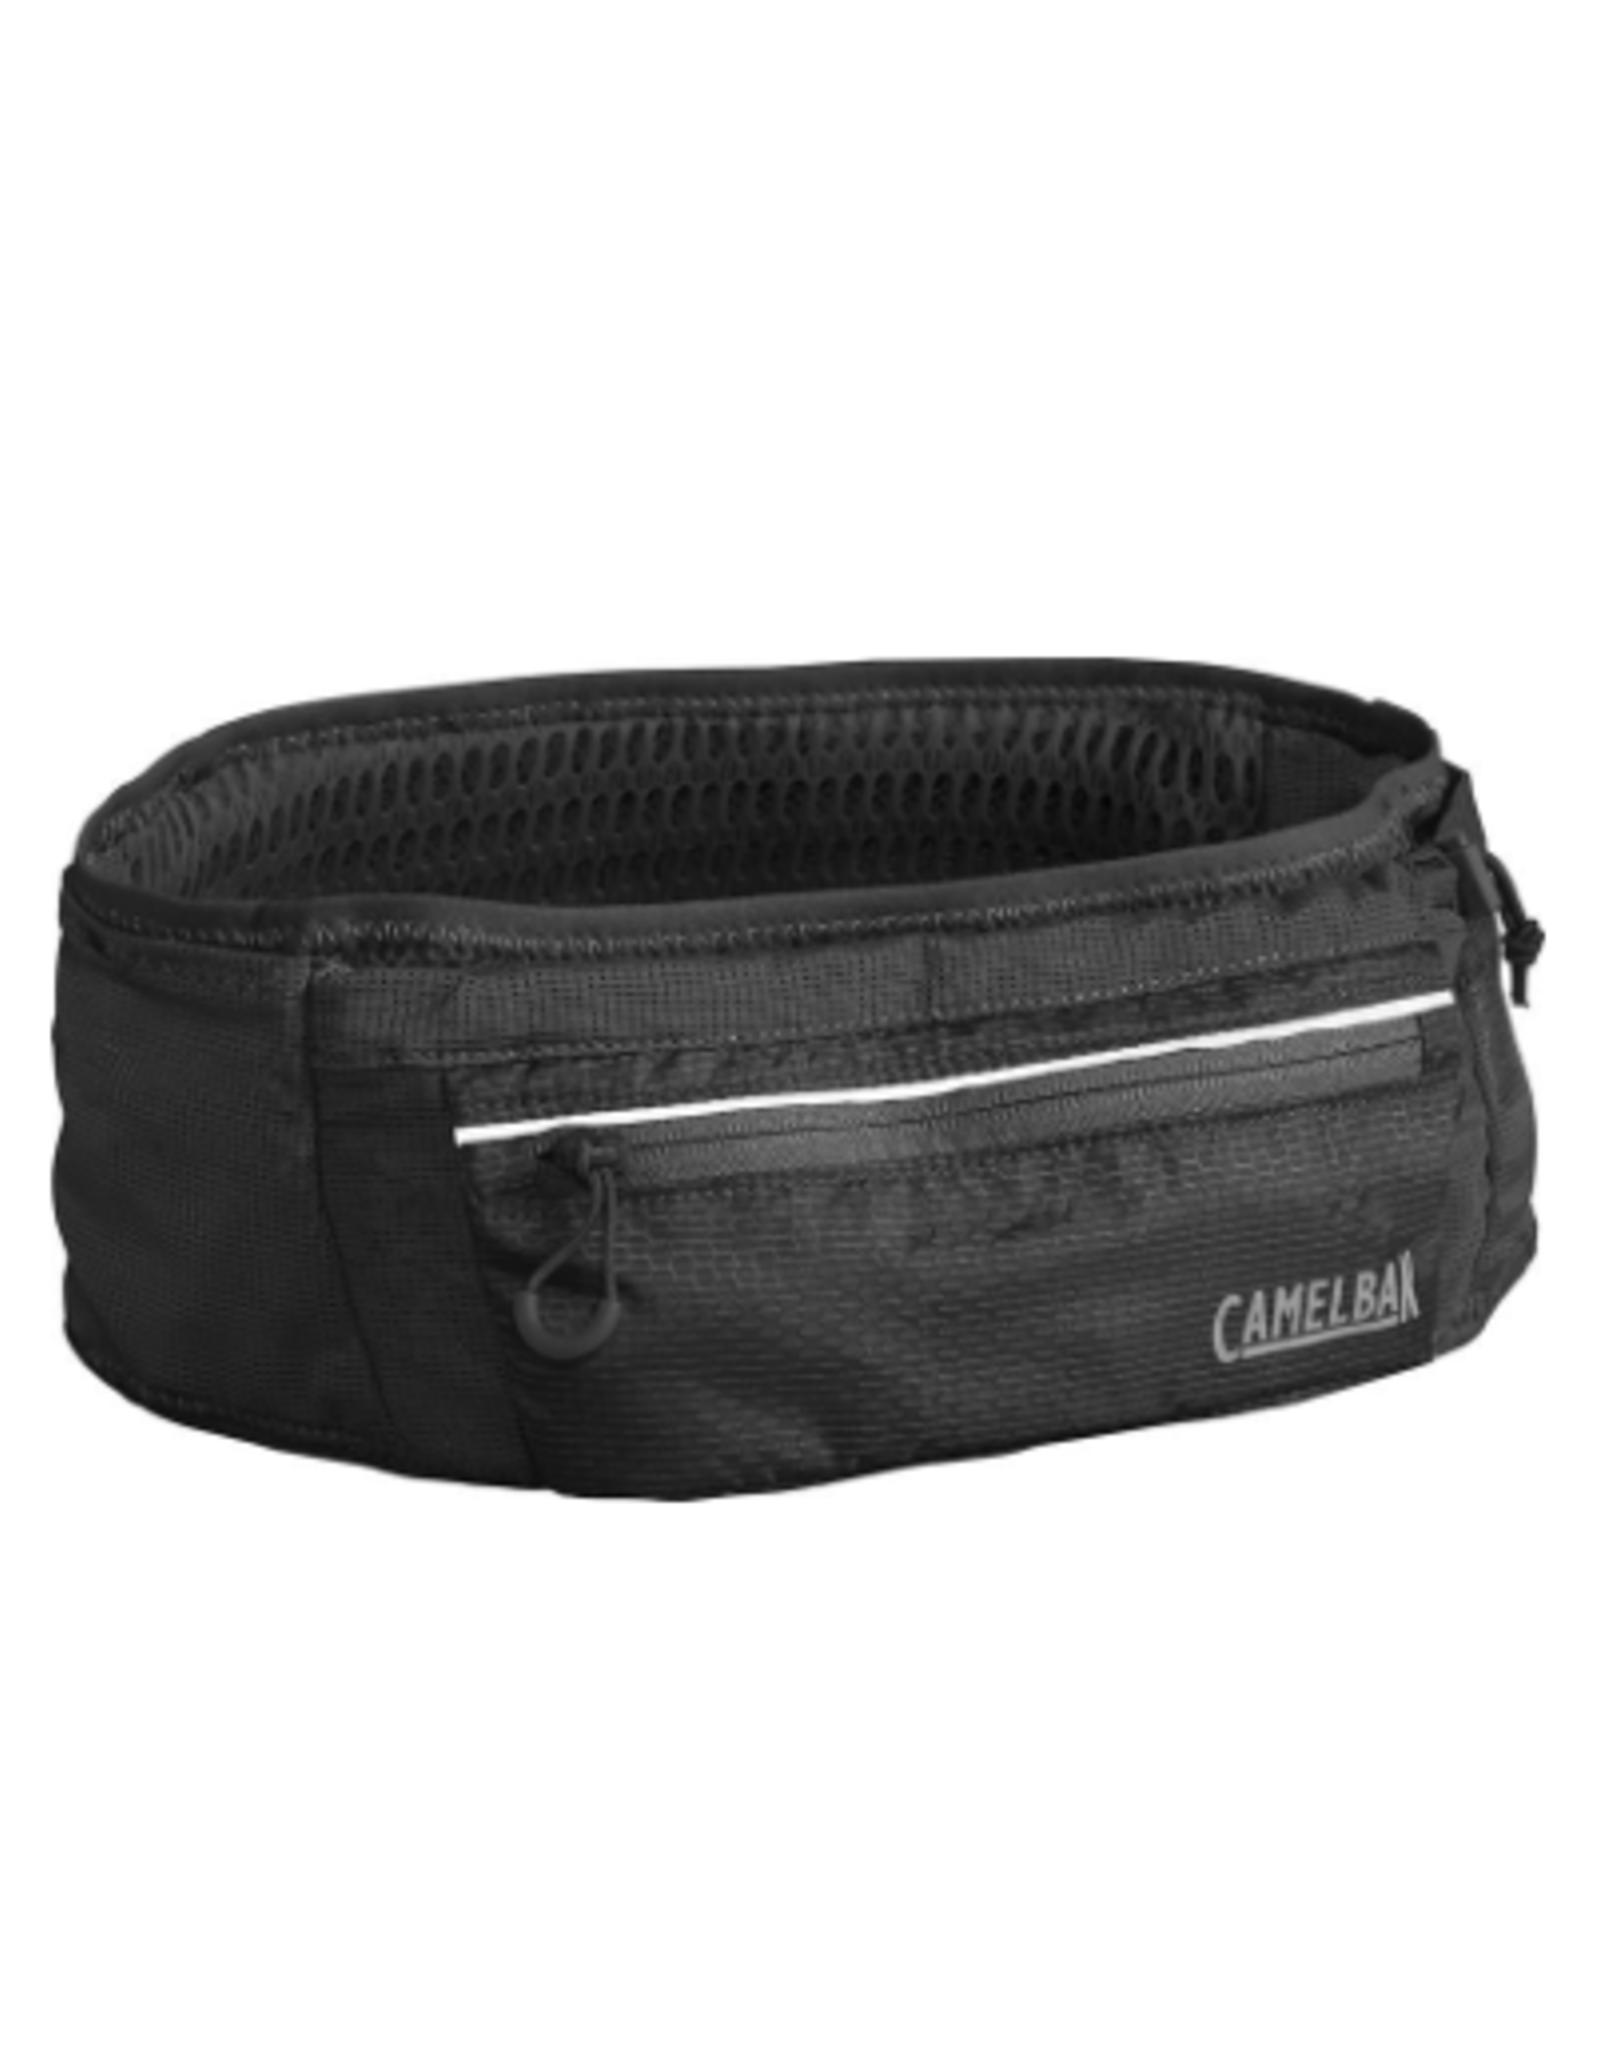 CAMELBAK Ultra Belt Black